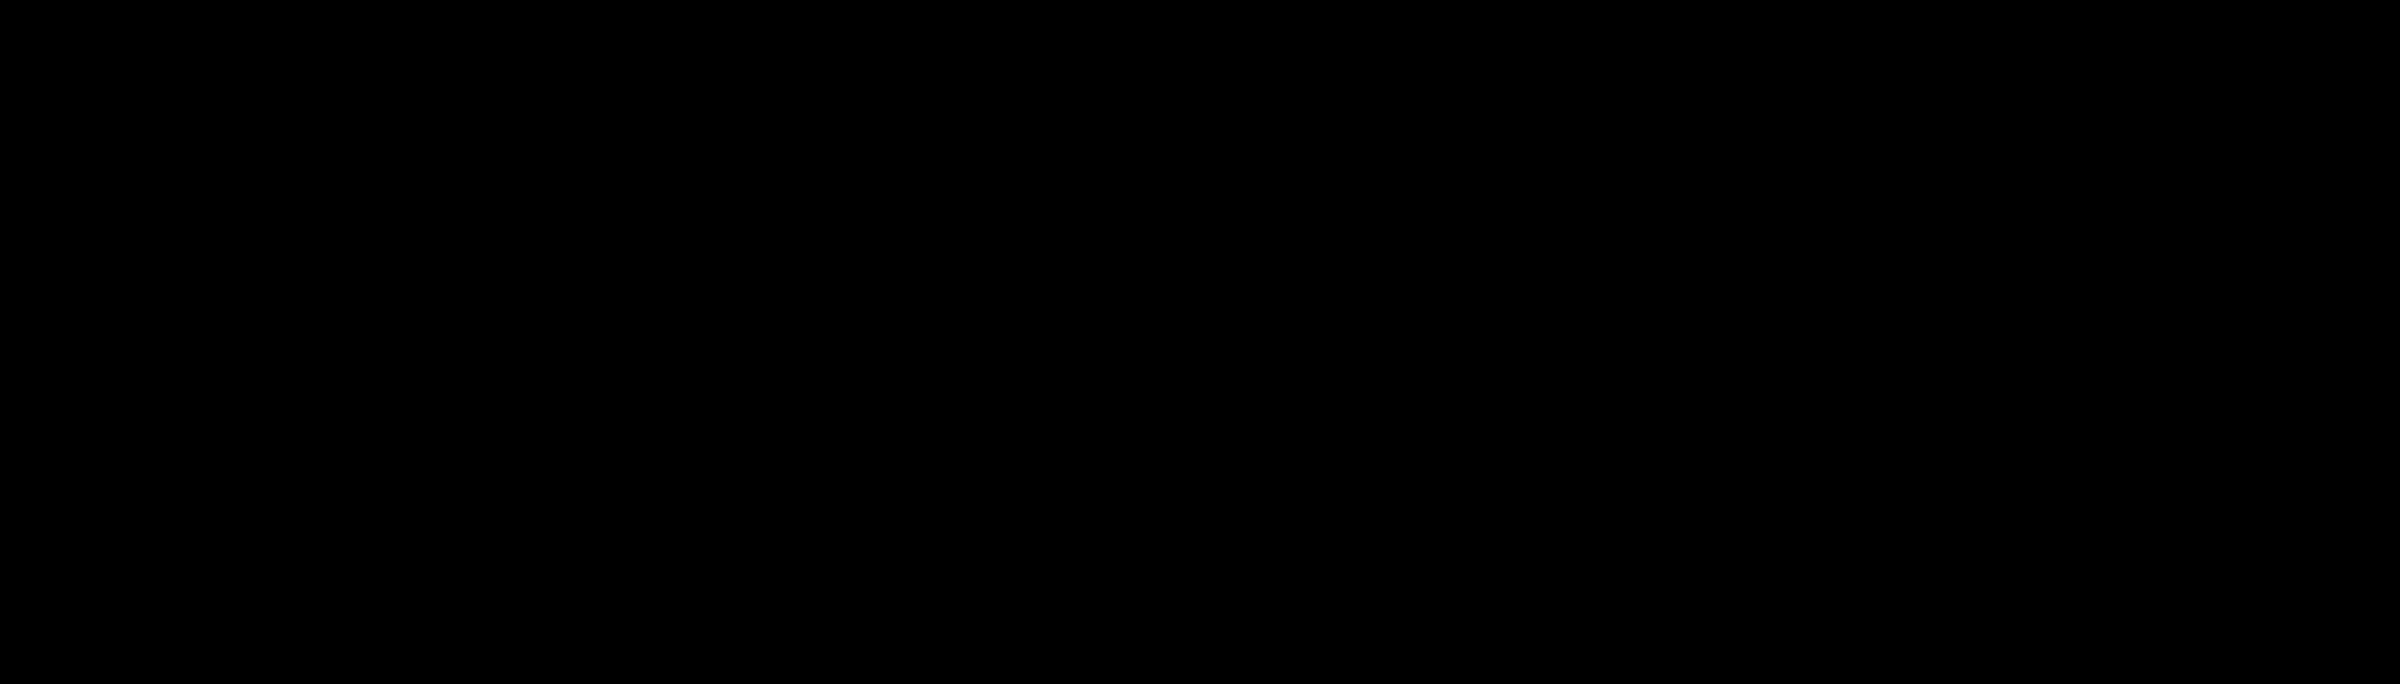 BORG WARNER Logo PNG Transparent & SVG Vector.